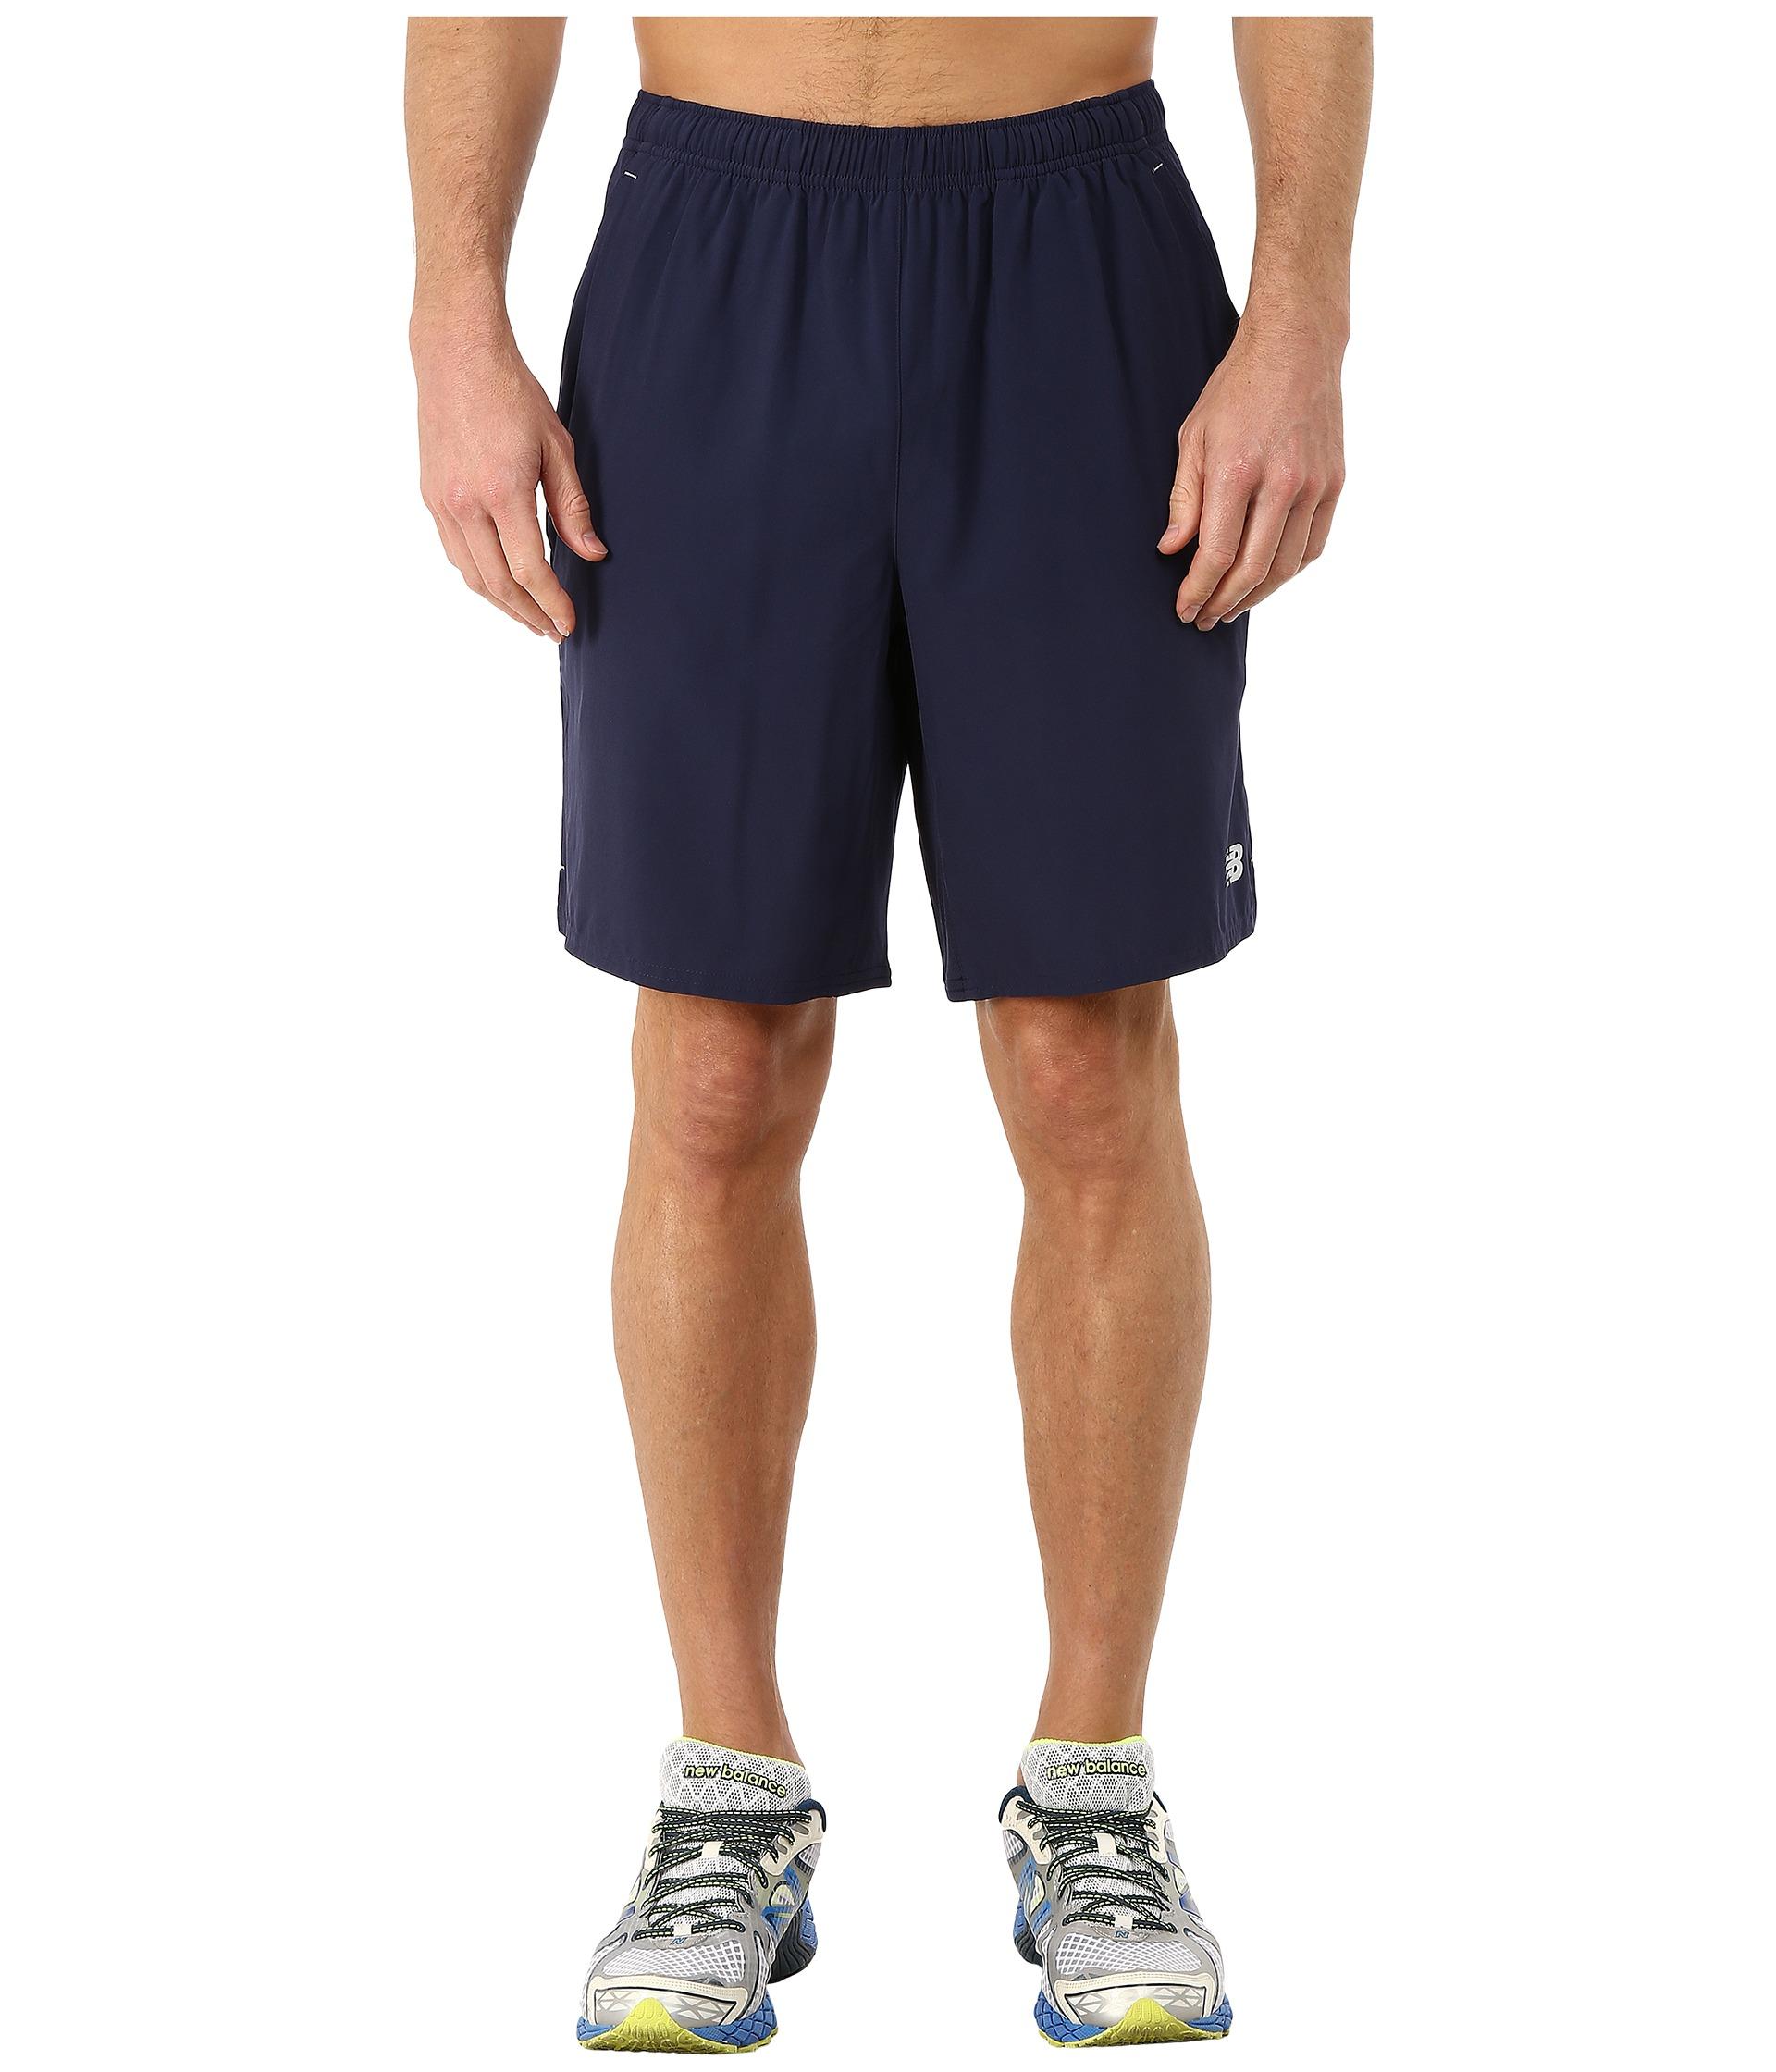 asics shorts 3 in 1